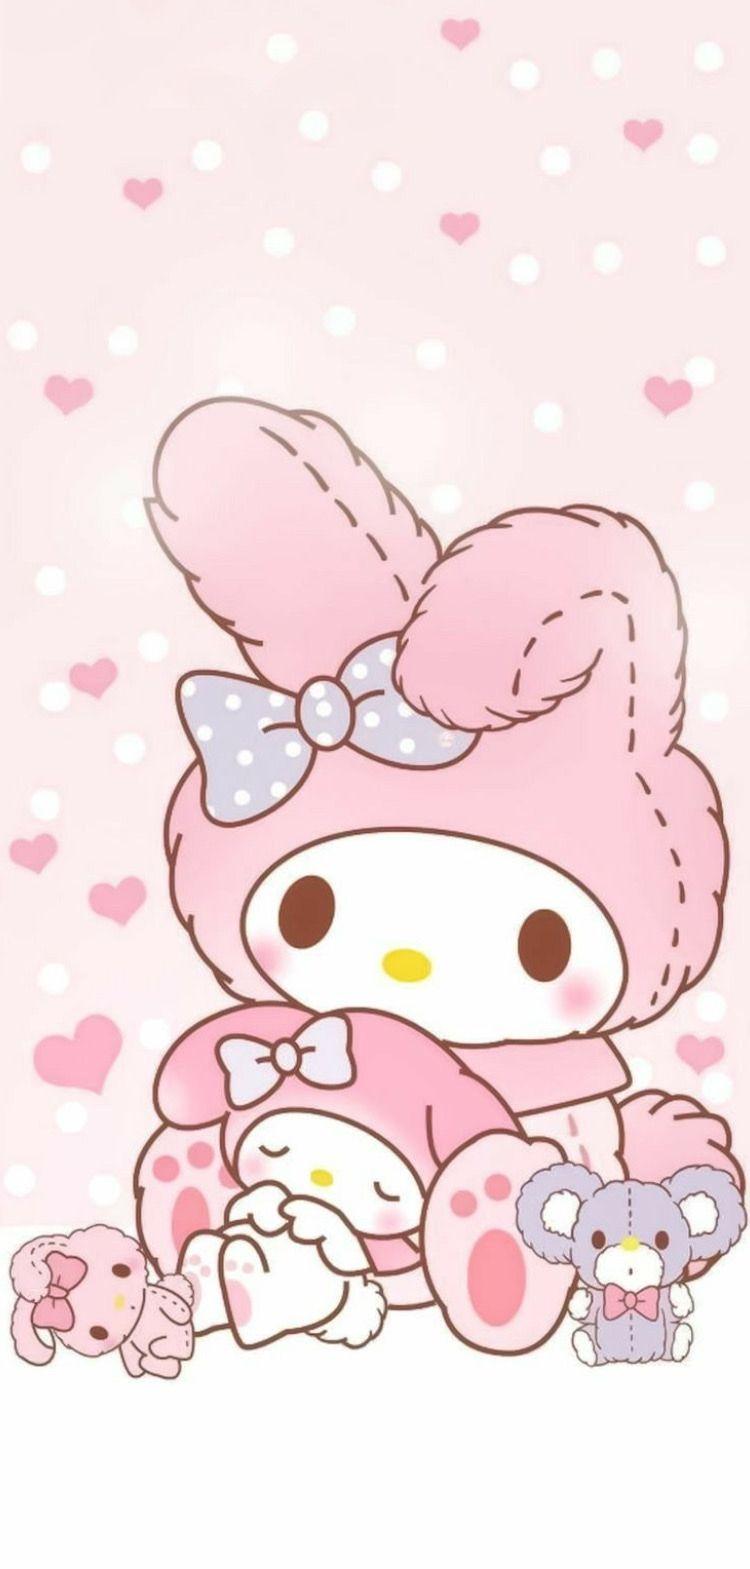 Kawaii Wallpapers Page Iphone Wallpaper Kawaii Melody Hello Kitty My Melody Wallpaper